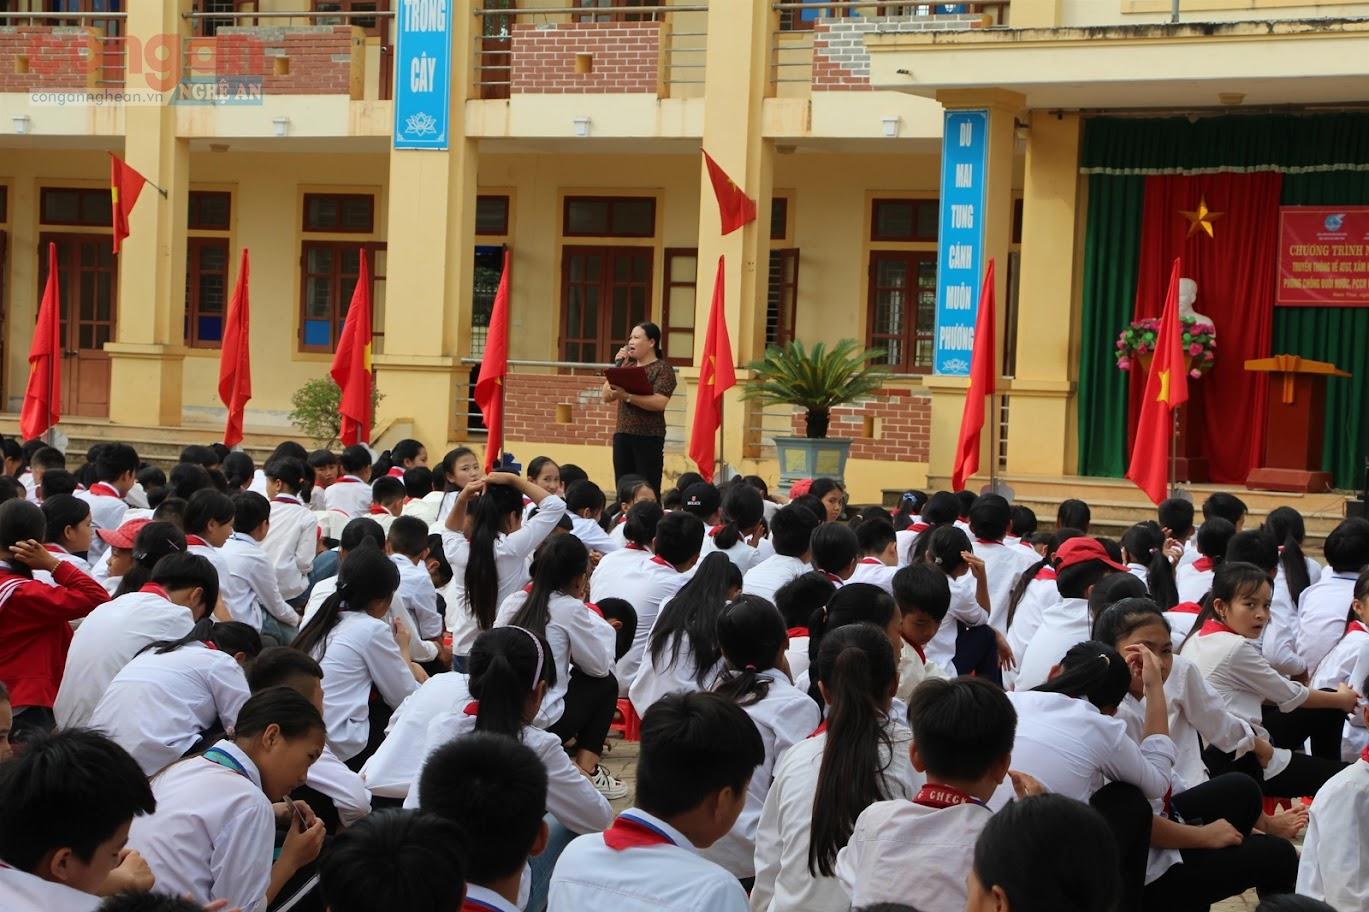 Các em học sinh Trường THCS Hưng Thái Nghĩa (Nam Đàn)  được cán bộ văn hóa UBND xã, Công an huyện và nhà trường tuyên truyền về kỹ năng phòng, chống bạo lực học đường